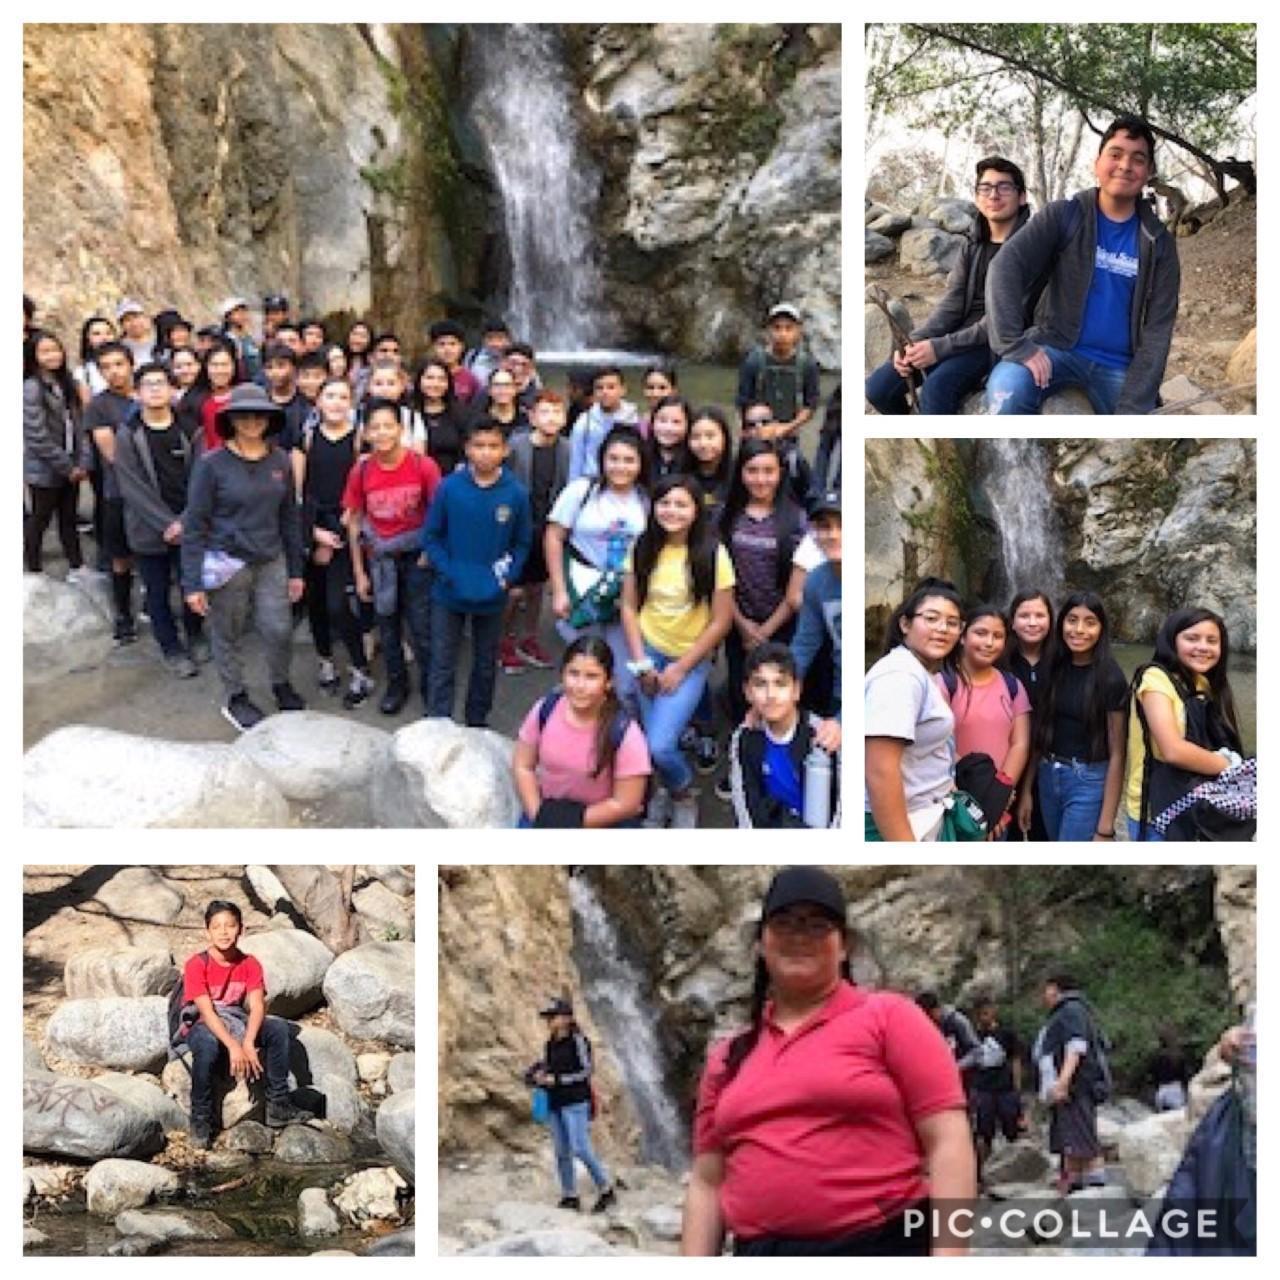 Students at waterfall